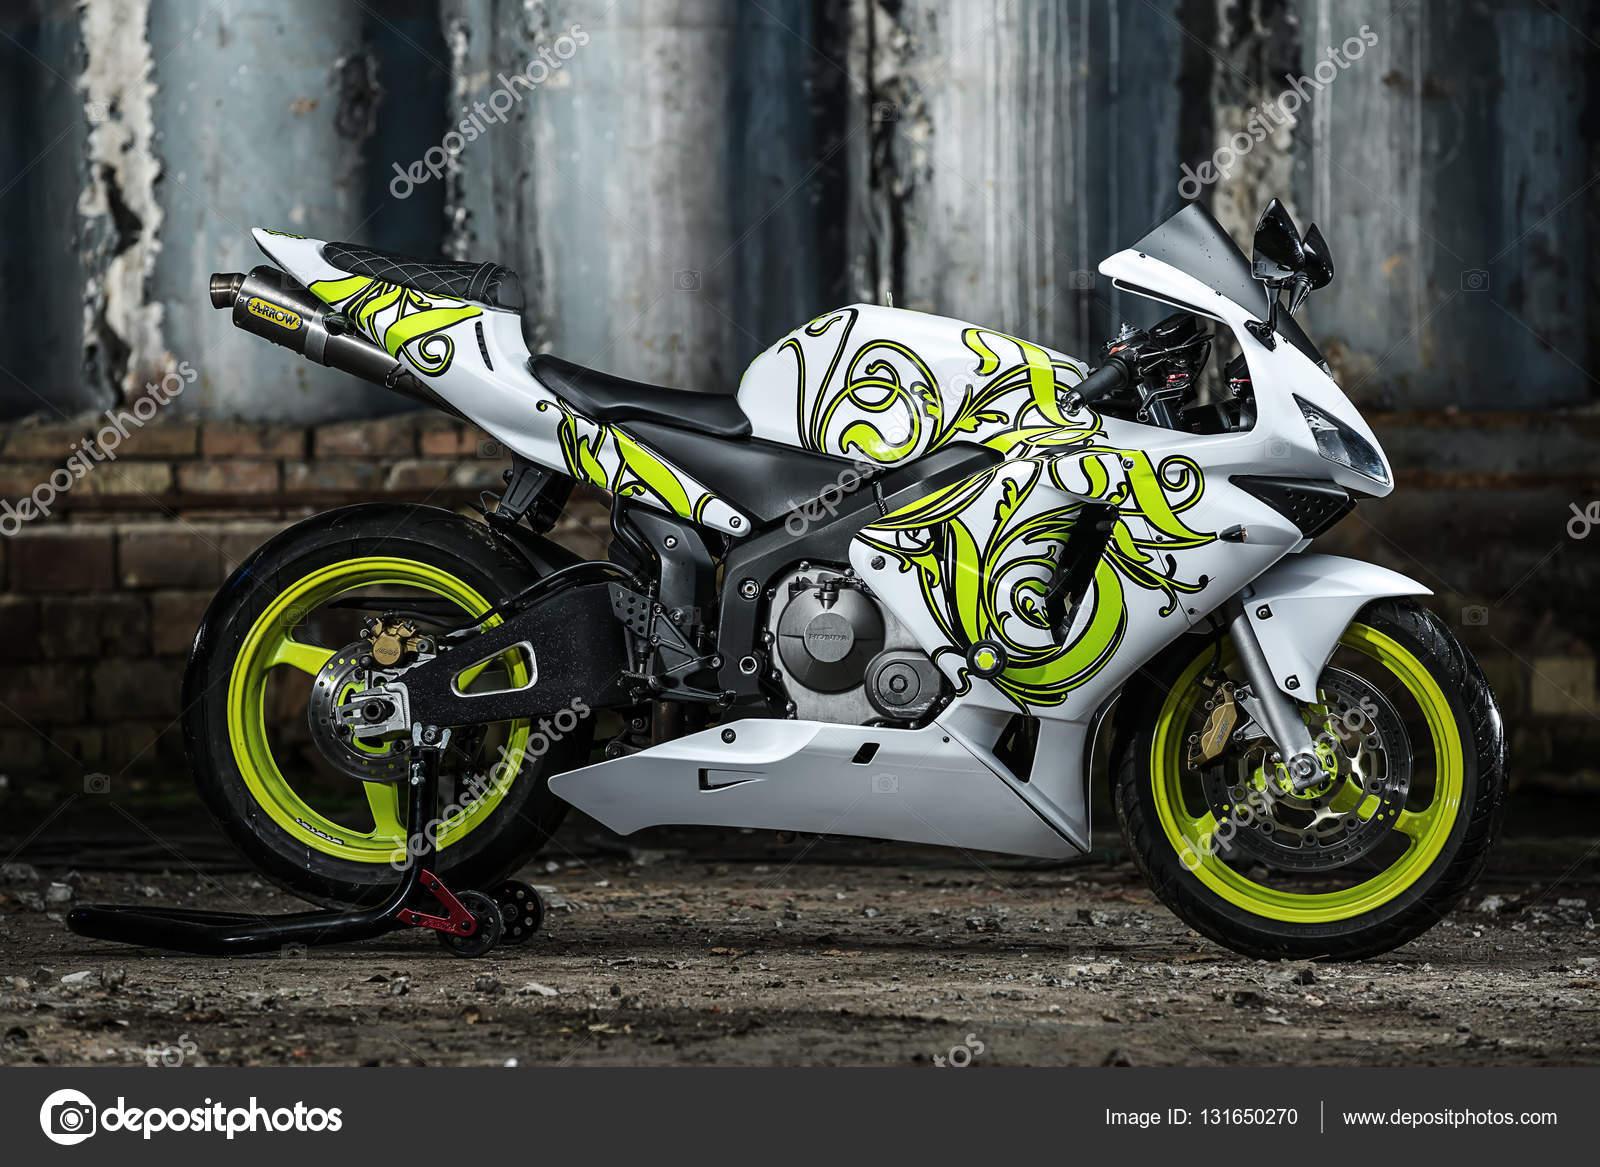 Honda Motorrad Tuning Motorrad Bild Idee